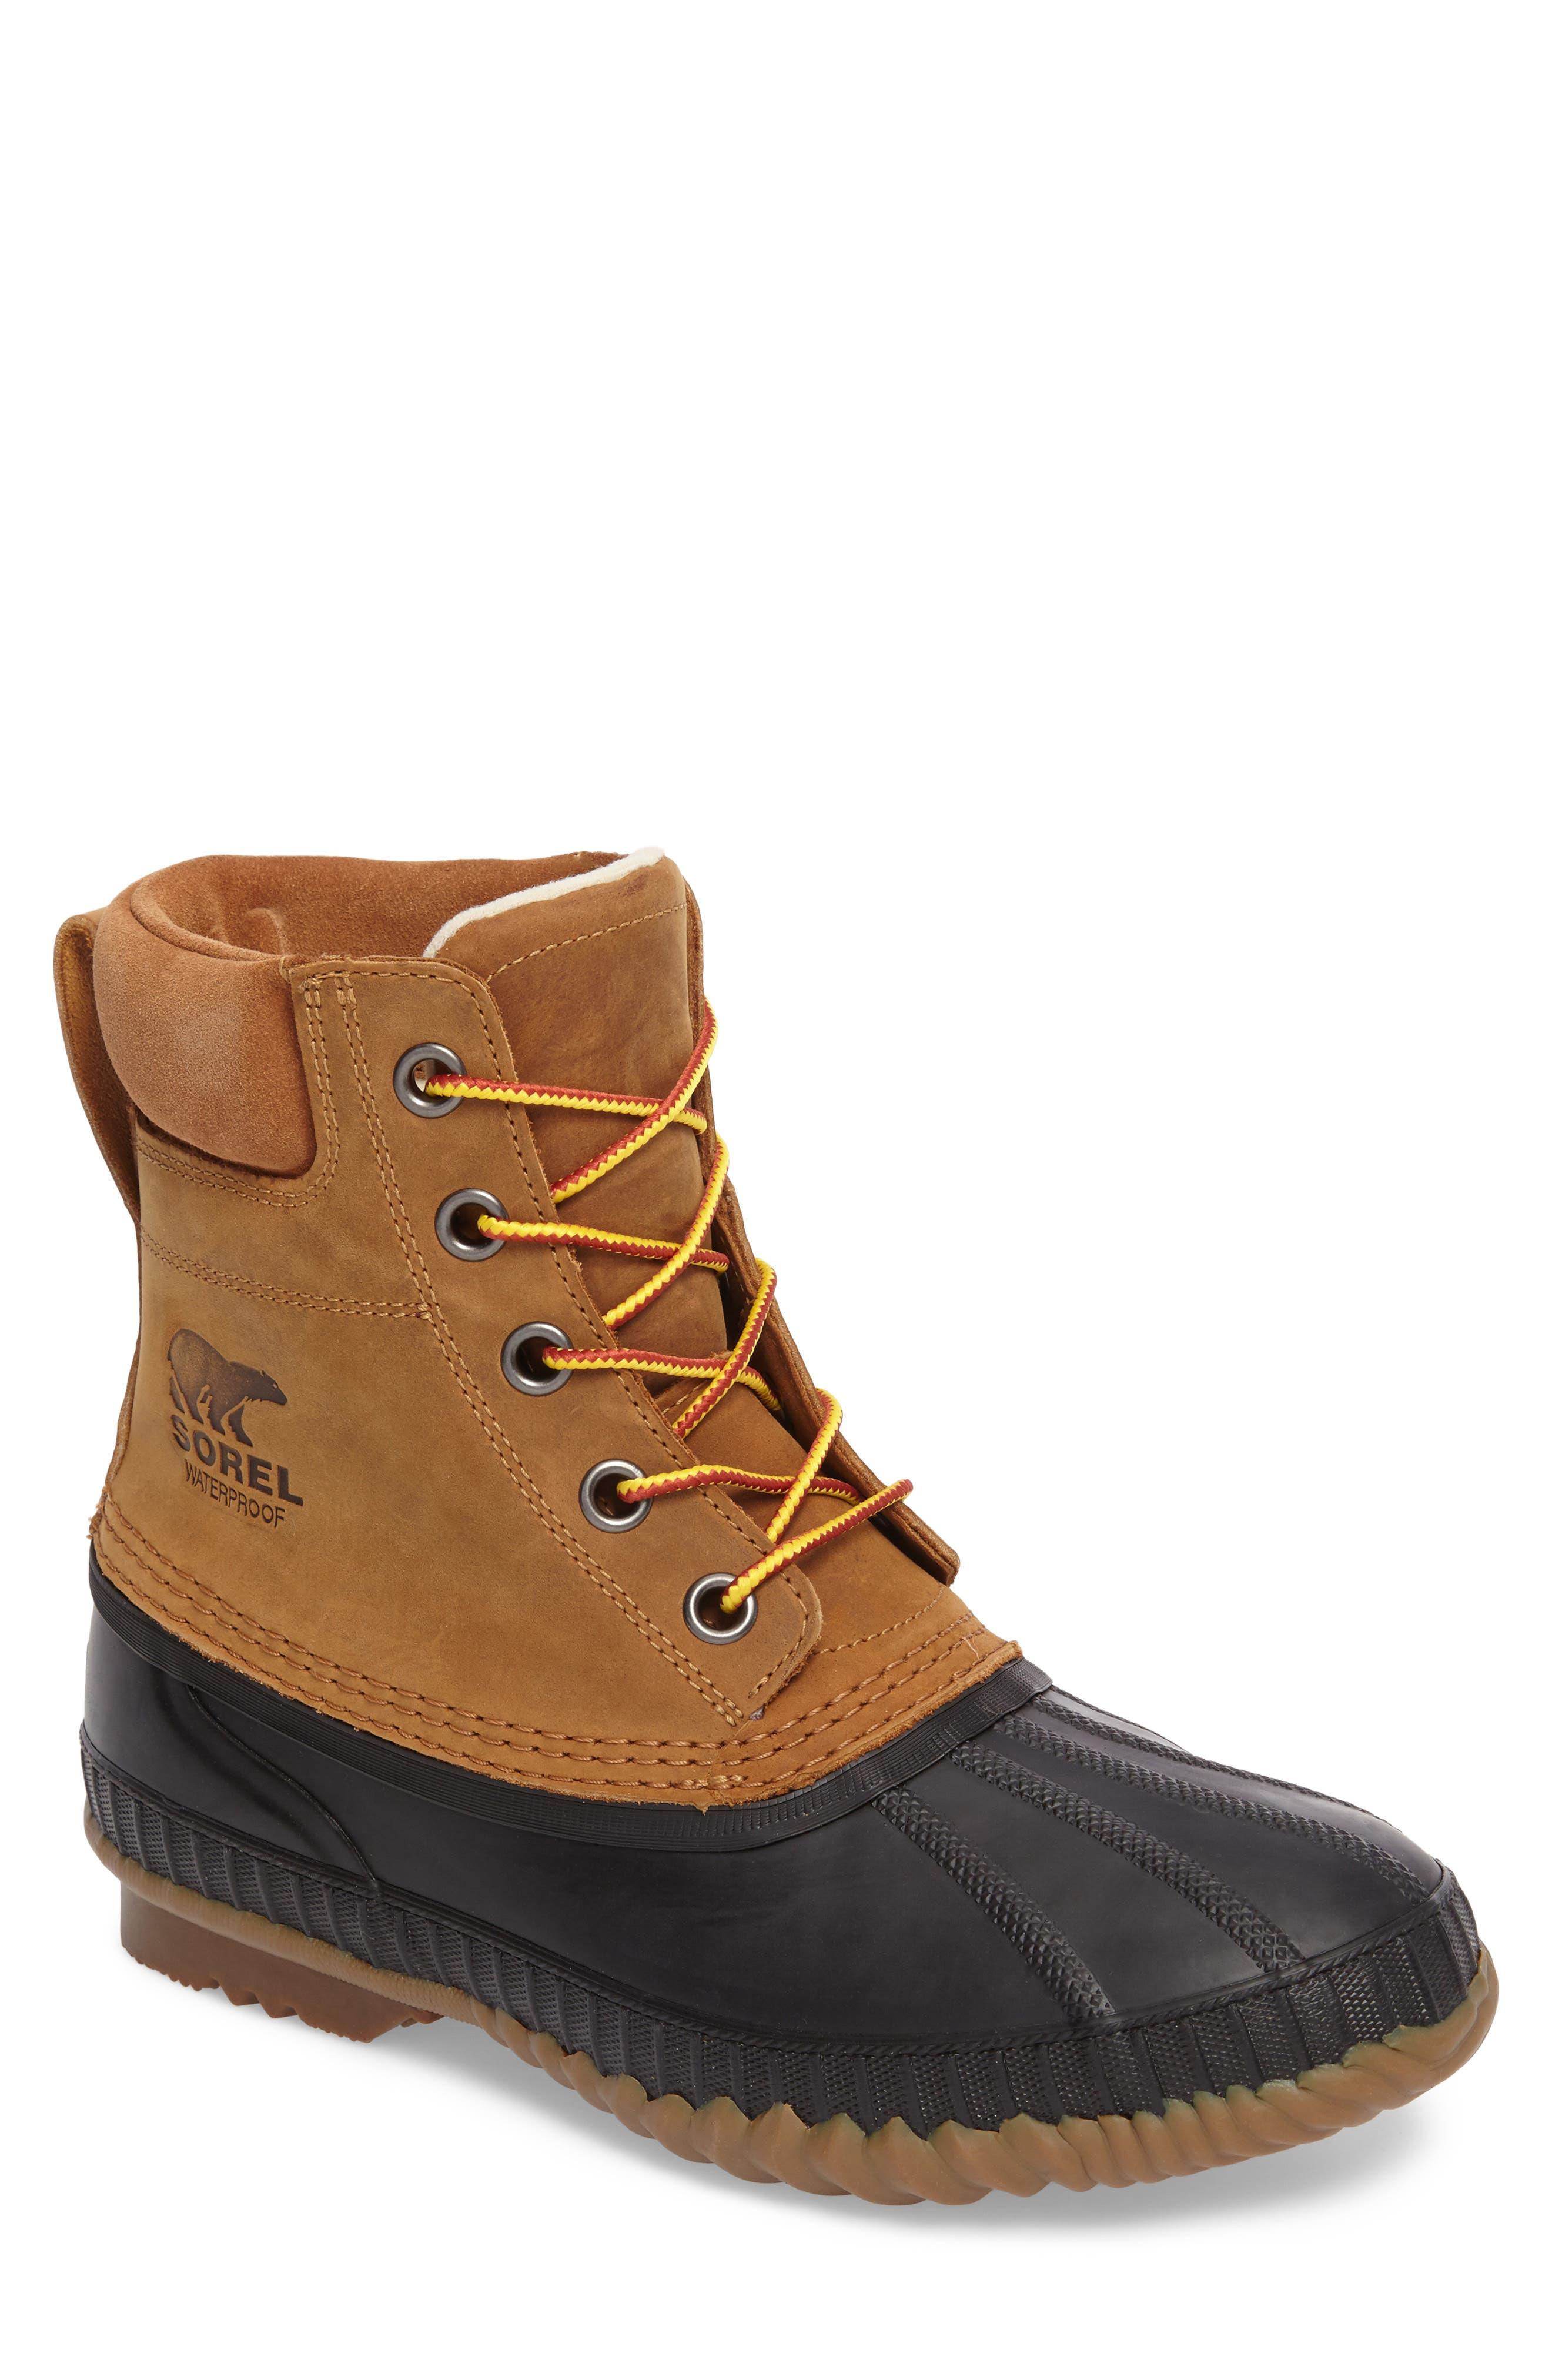 Cheyanne II Waterpoof Boot,                         Main,                         color, Chipmunk